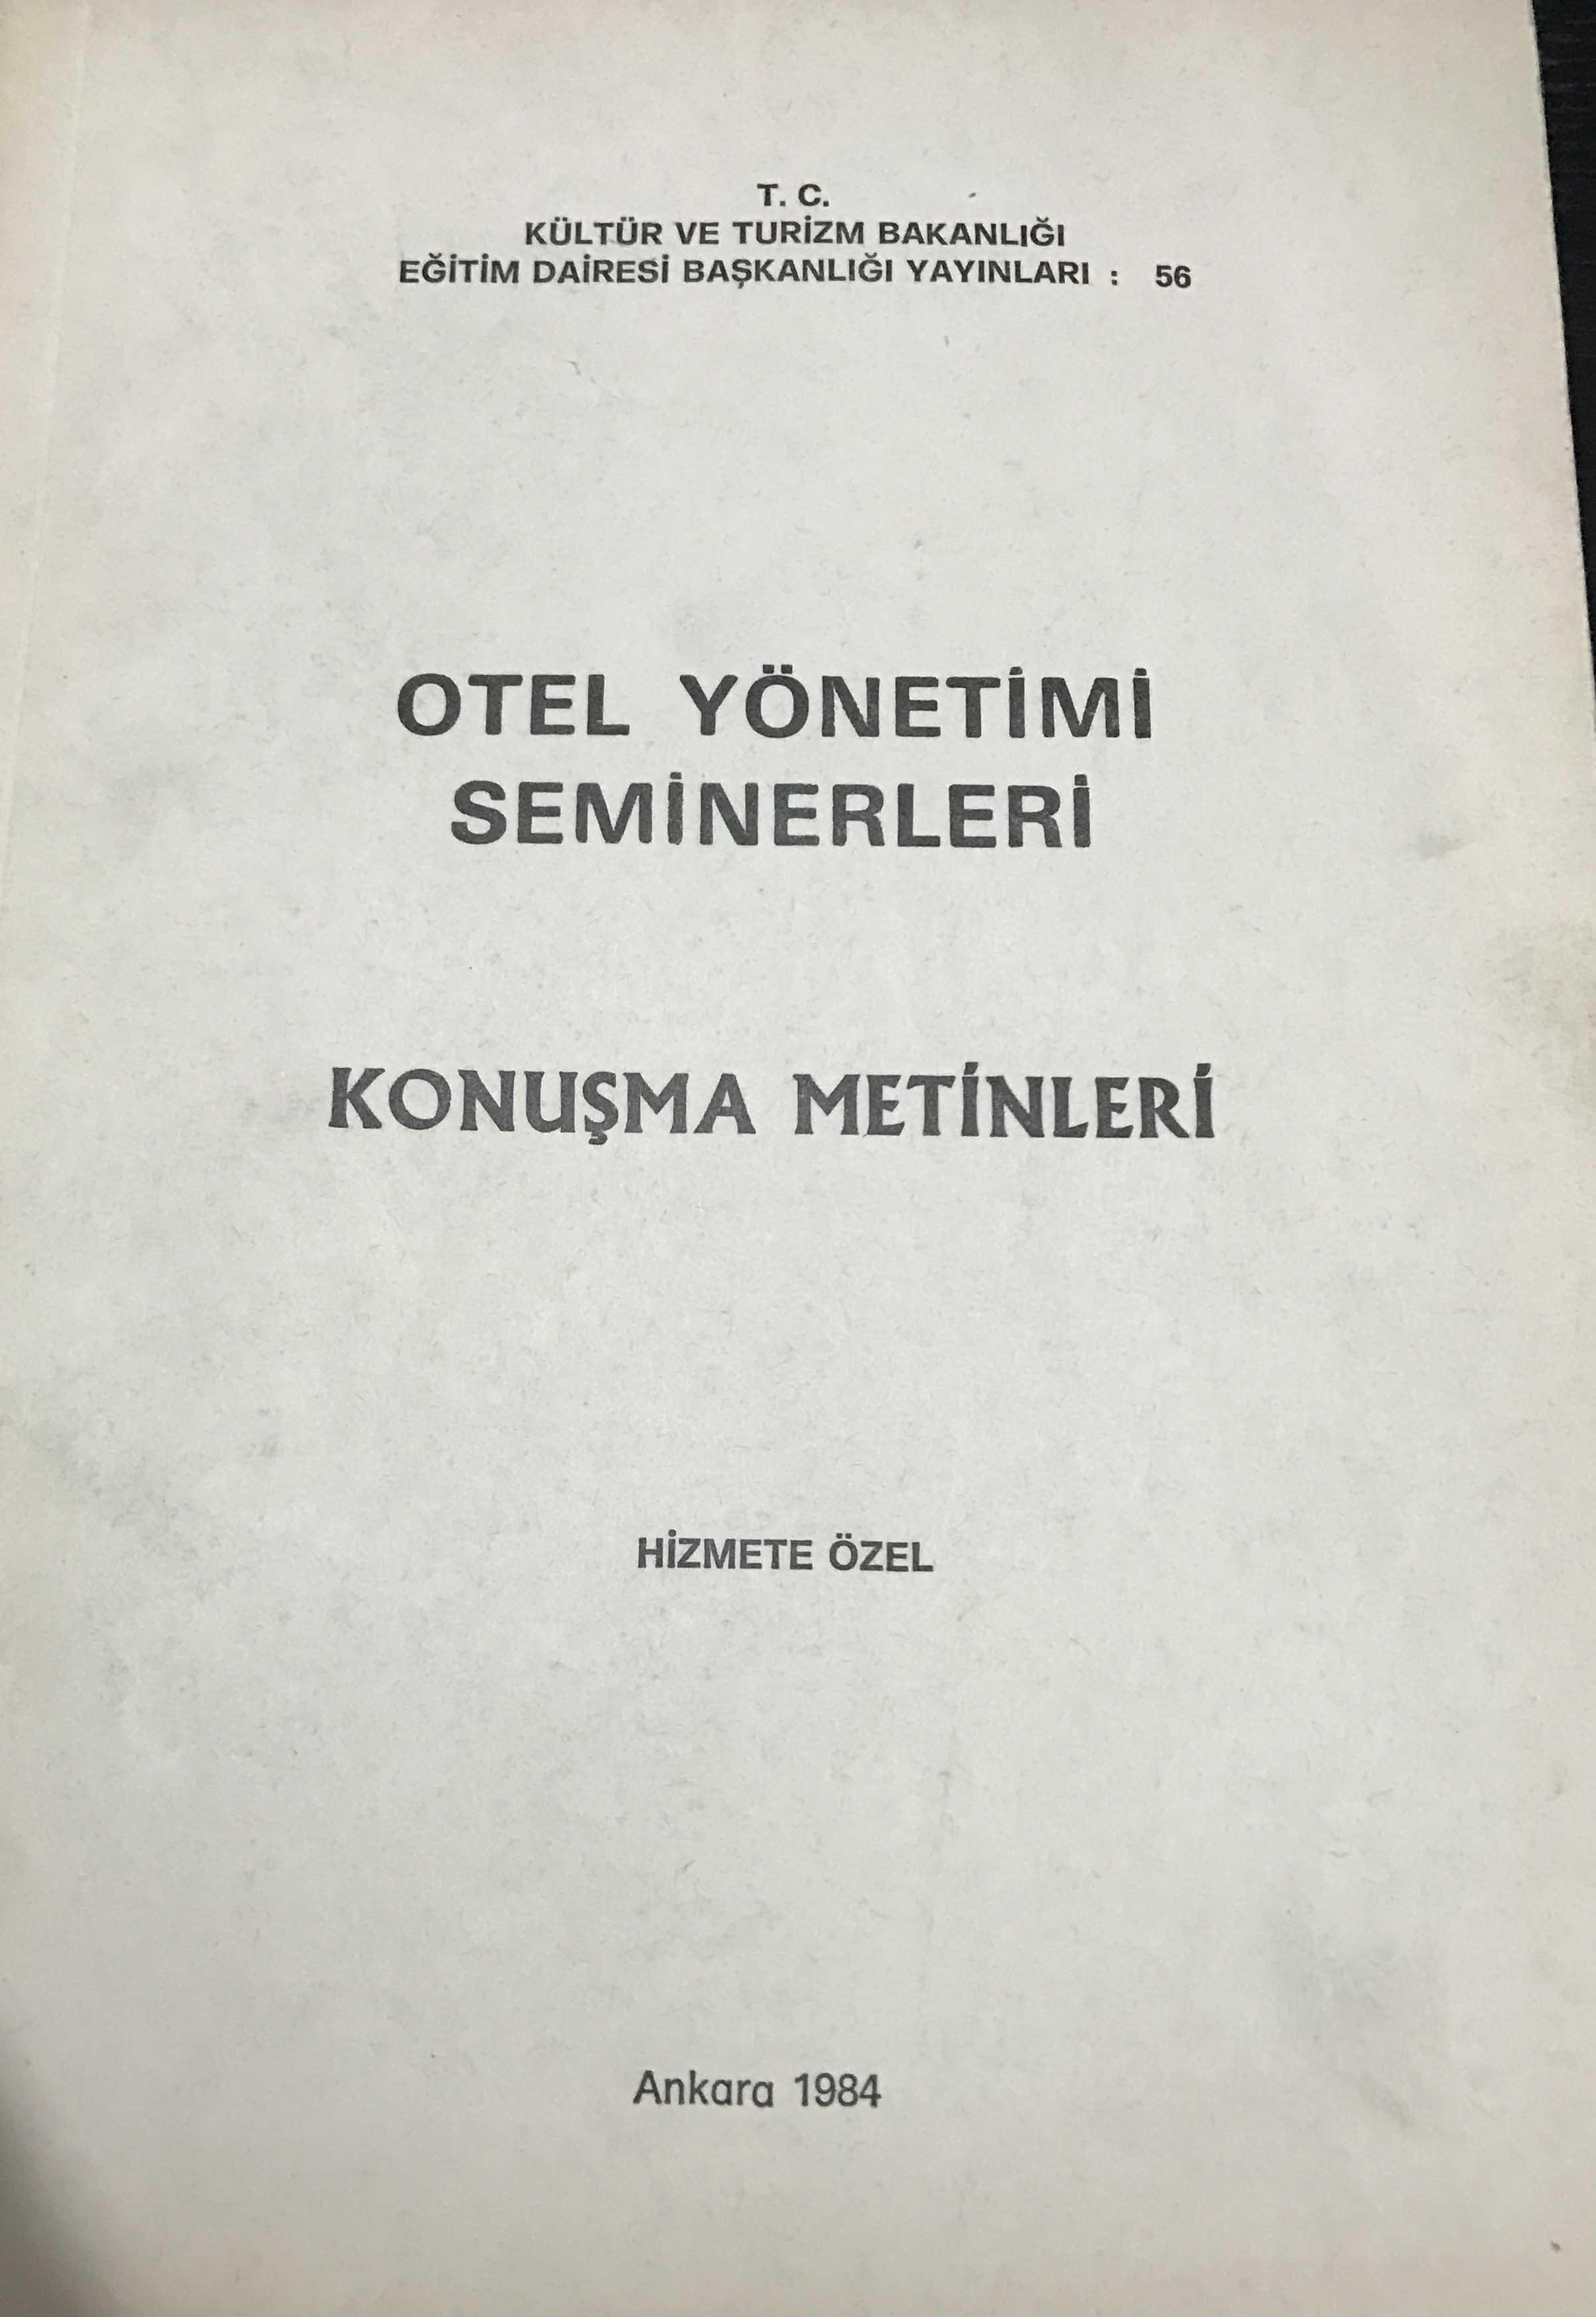 Otel Yönetim Seminerleri Konuşma Metinleri Kitap Kapağı